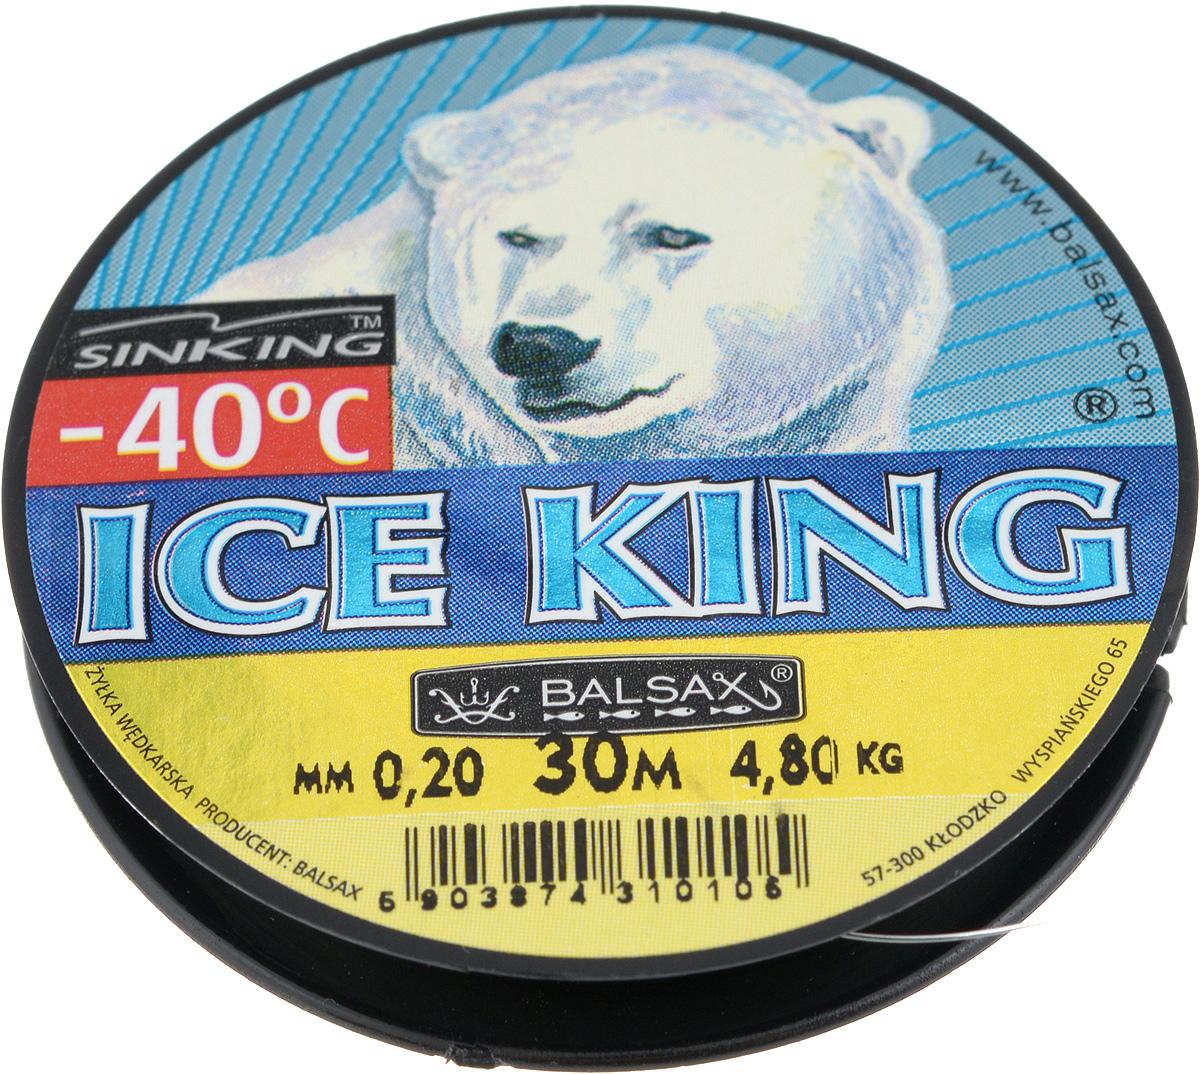 Леска зимняя Balsax Ice King, 30 м, 0,20 мм, 4,8 кг310-08020Леска Balsax Ice King изготовлена из 100% нейлона и очень хорошо выдерживает низкие температуры. Даже в самом холодном климате, при температуре вплоть до -40°C, она сохраняет свои свойства практически без изменений, в то время как традиционные лески становятся менее эластичными и теряют прочность. Поверхность лески обработана таким образом, что она не обмерзает и отлично подходит для подледного лова. Прочна в местах вязки узлов даже при минимальном диаметре.